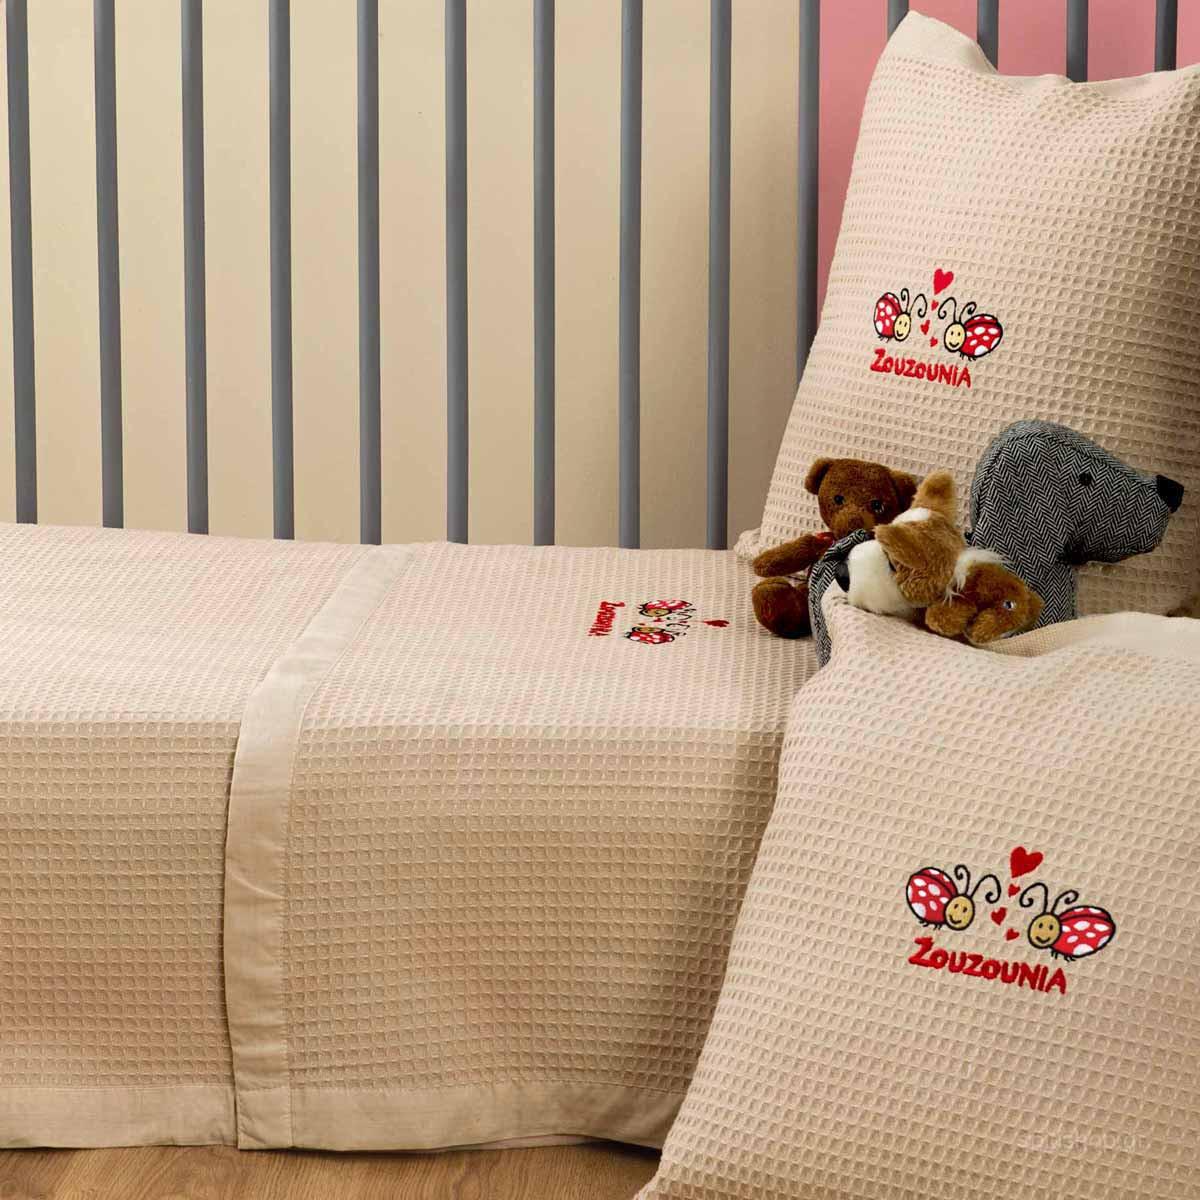 Κουβέρτα Πικέ Κούνιας Zouzounia Πασχαλίτσα 407 home   βρεφικά   κουβέρτες βρεφικές   κουβέρτες καλοκαιρινές